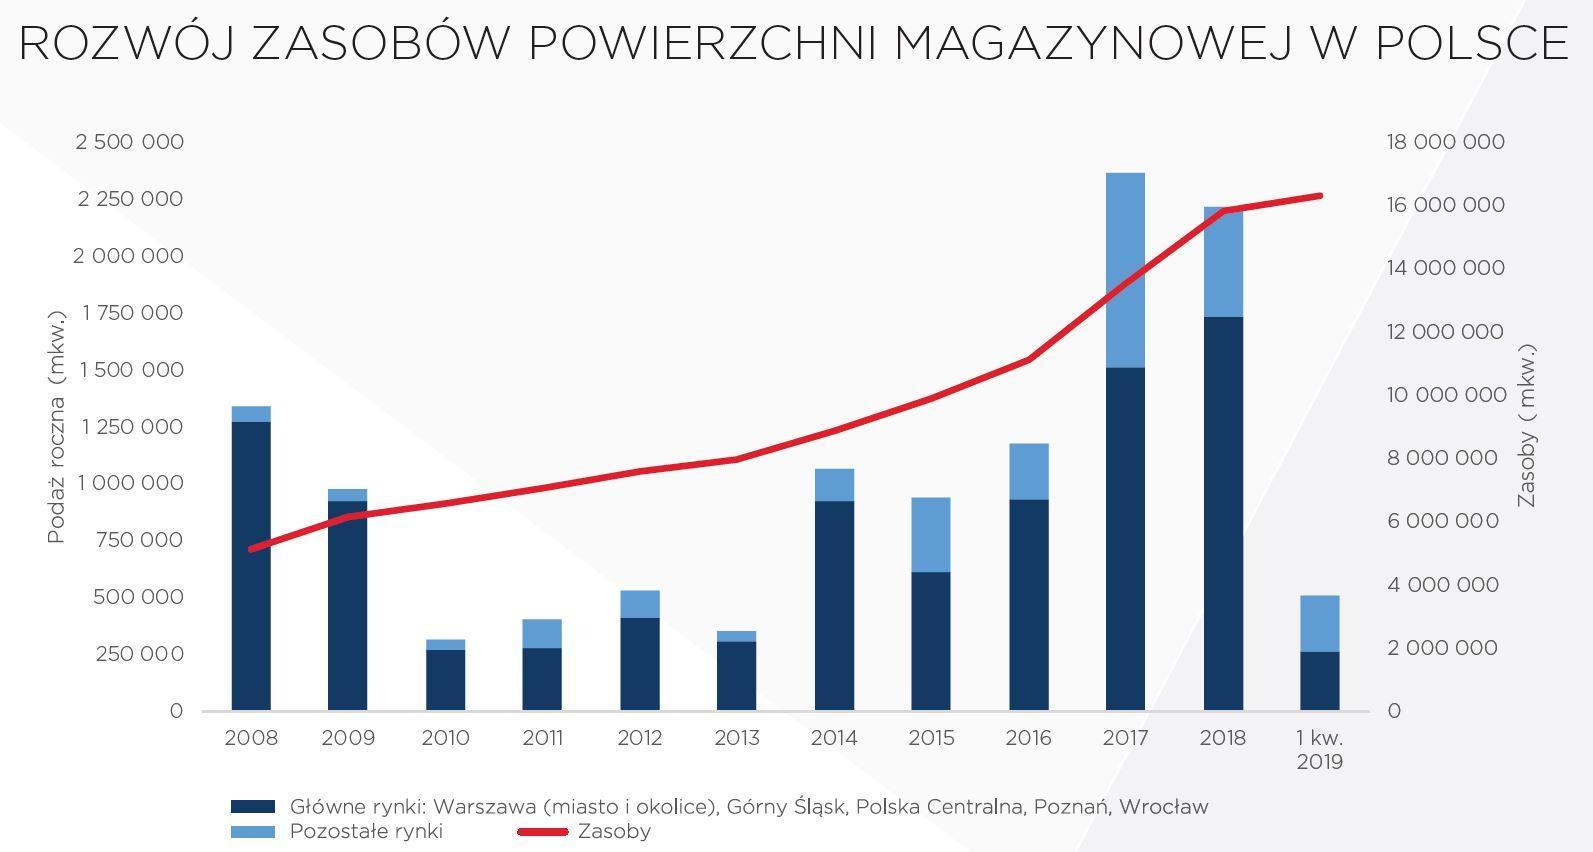 Rozwój zasobów powierzchni magazynowej w Polsce